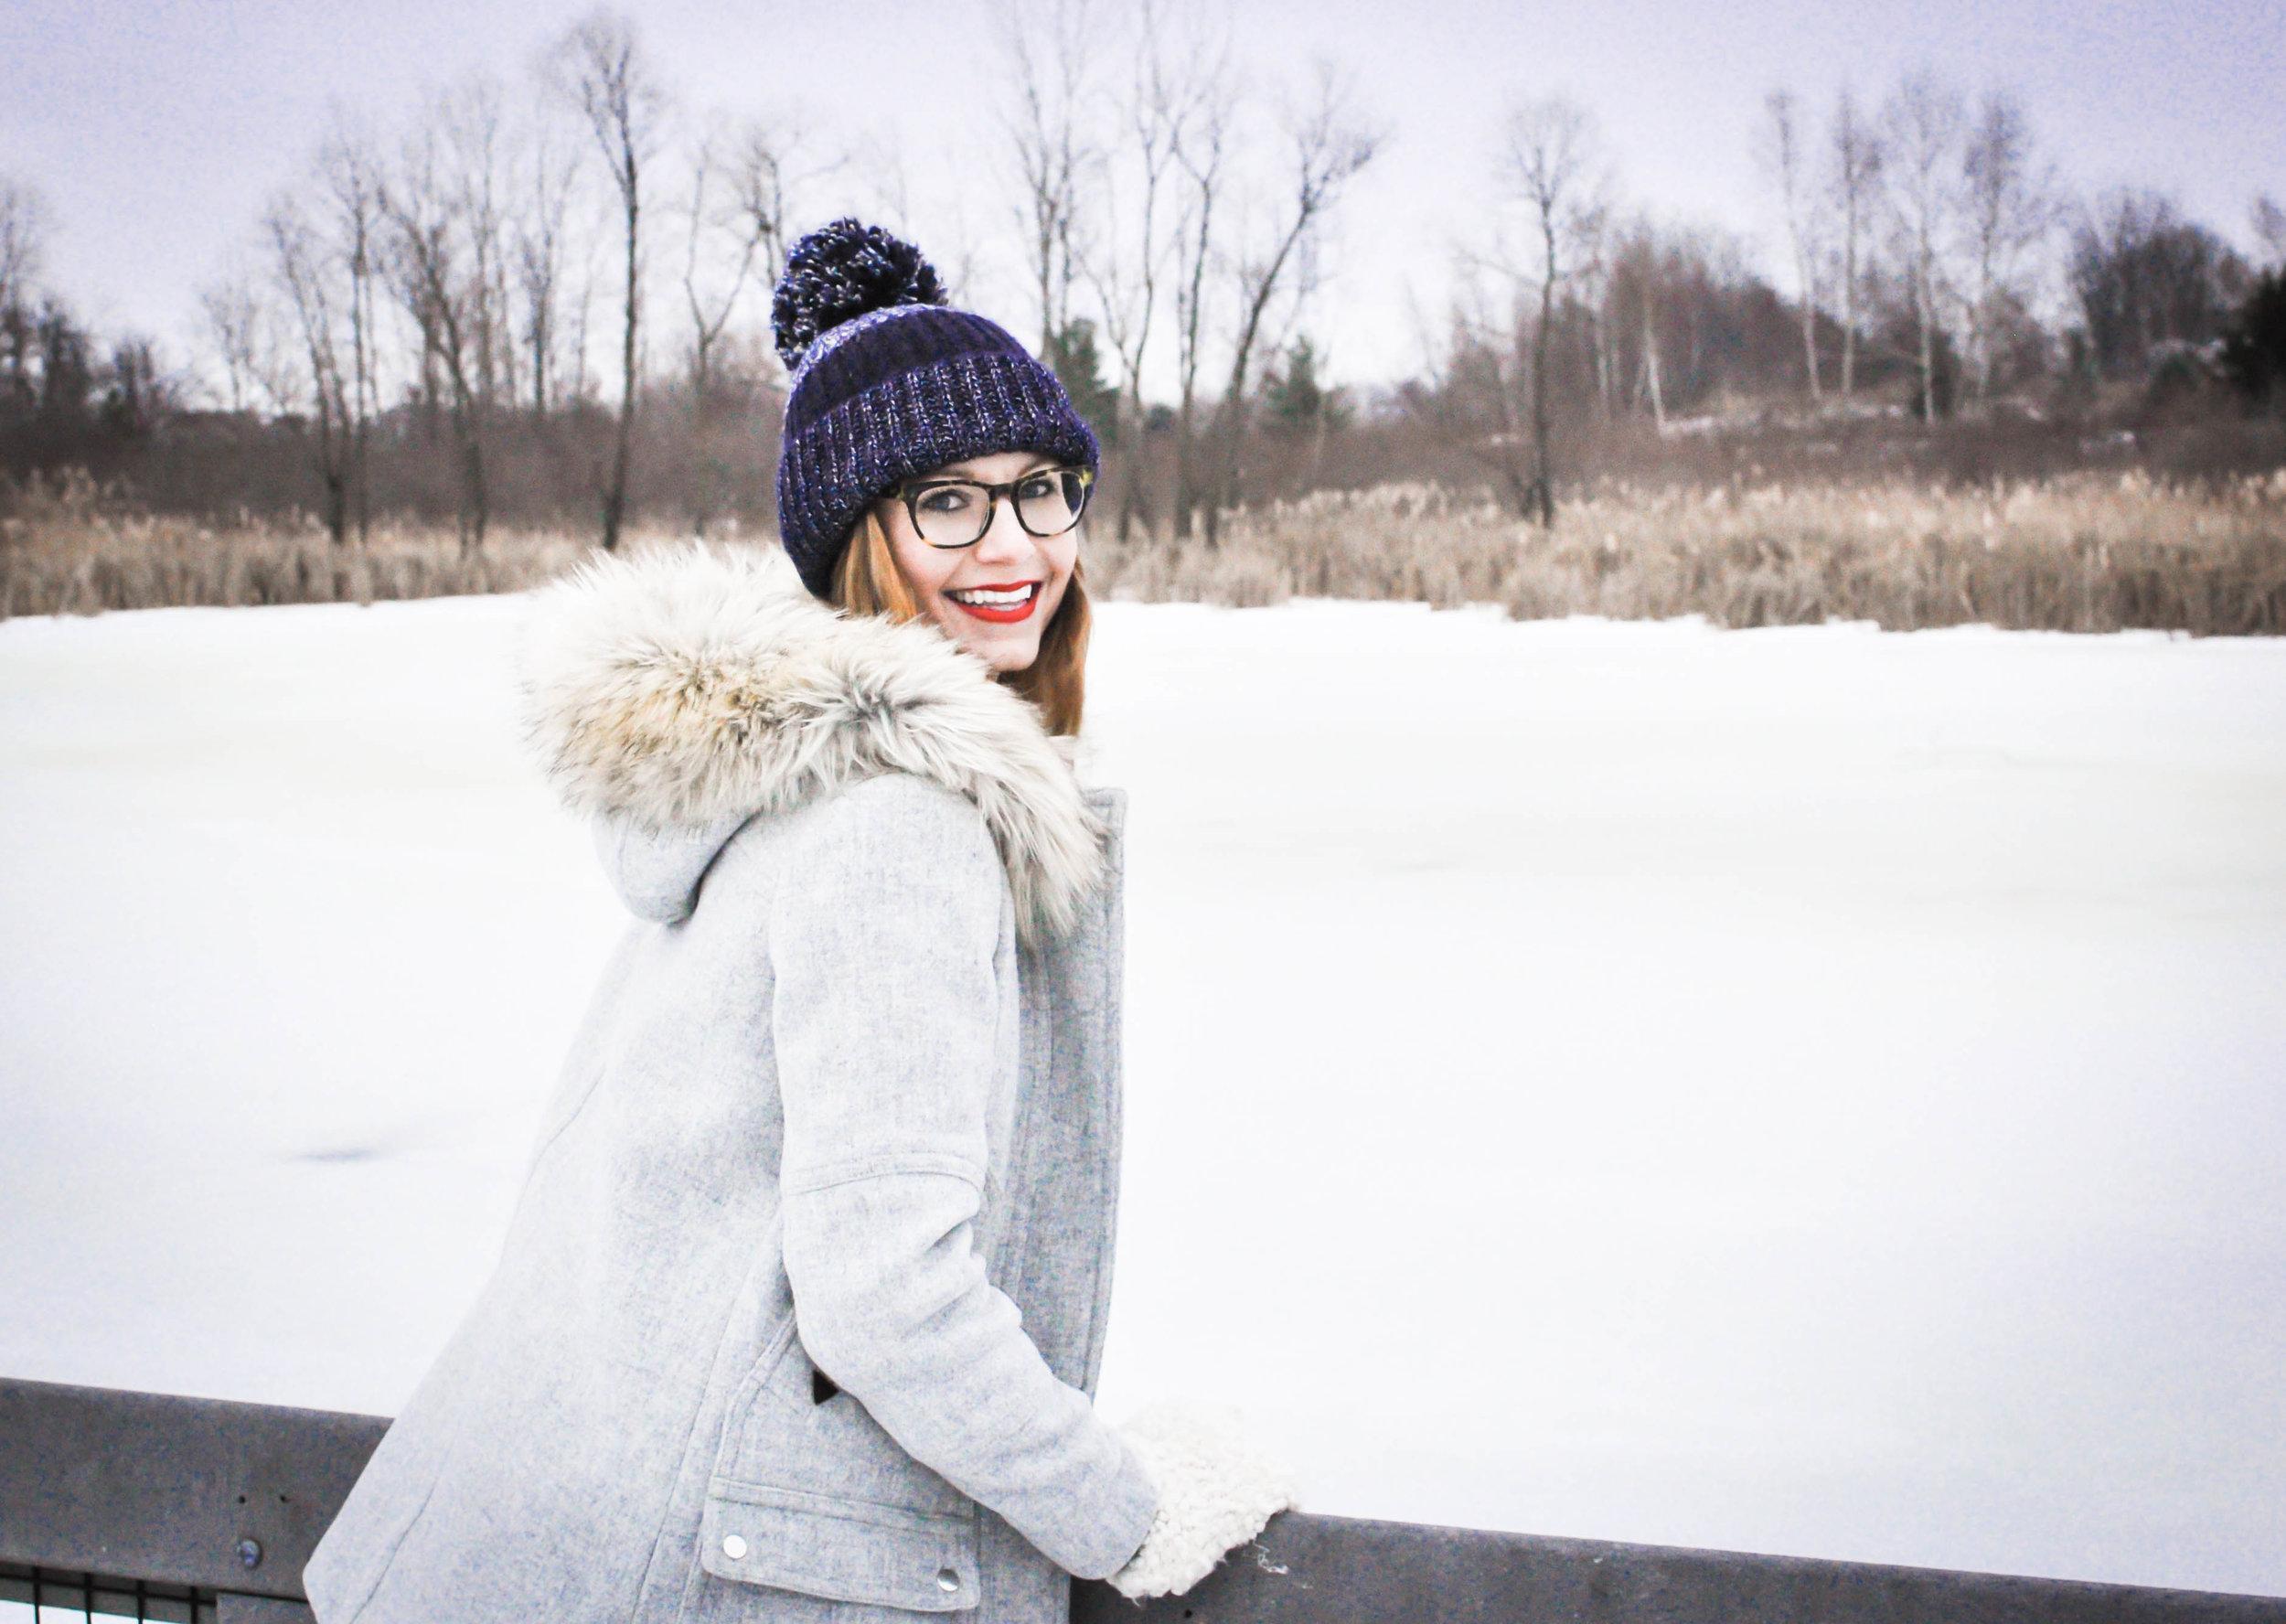 Jcrew-Chateau-Parka-in-snow.jpg